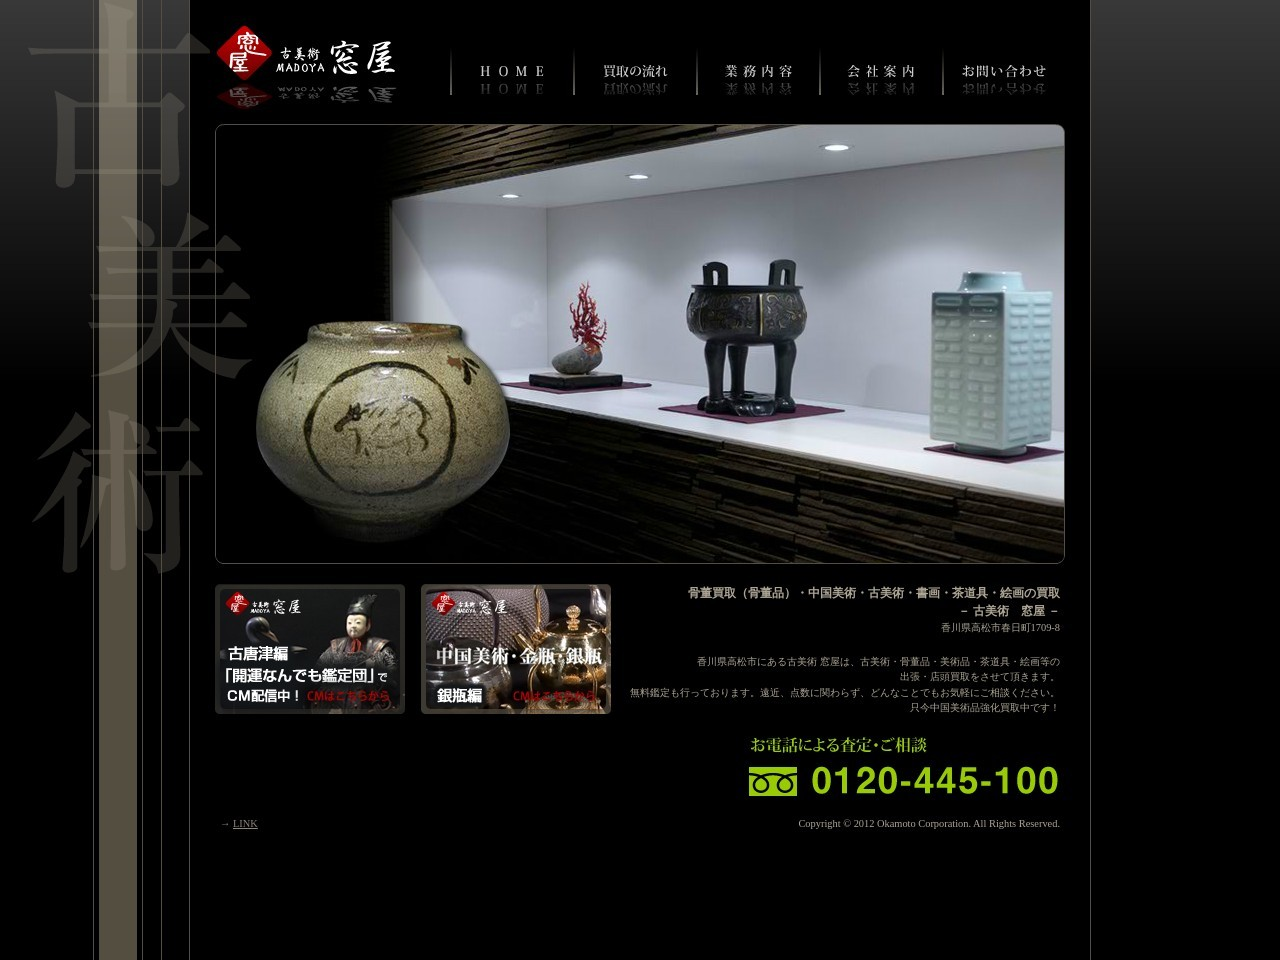 骨董 買取なら香川県高松市にある古美術 窓屋。骨董品・中国美術・金瓶・銀瓶・骨董・古美術・書画・茶道具・絵画まで買取いたします。